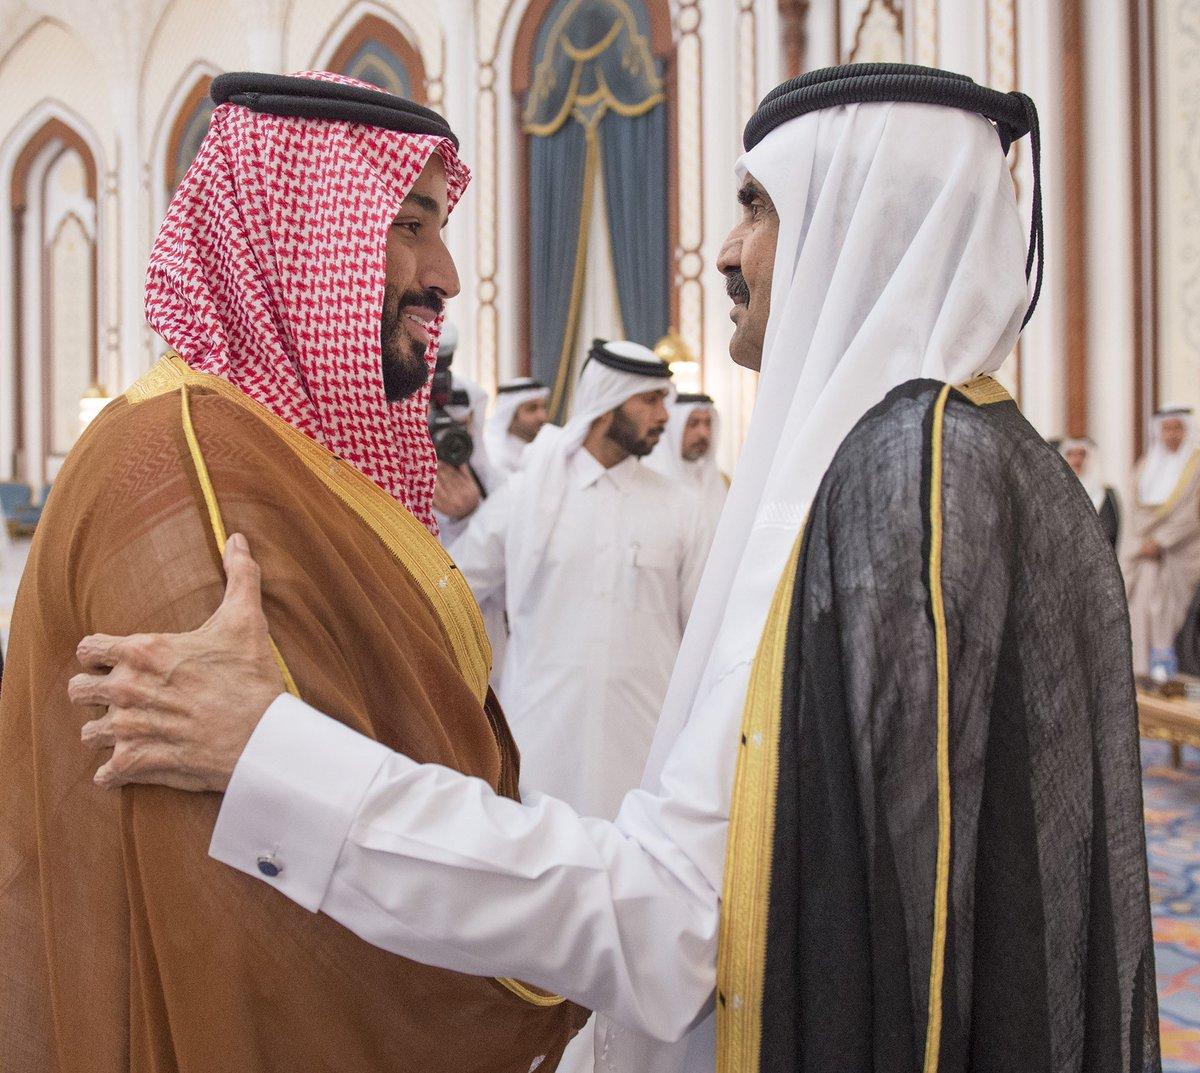 #ولي_ولي_العهد يعزي الشيخ حمد بن خليفة وأمير #قطر في وفاة الشيخ خليفة بن حمد آل ثاني – رحمه الله –